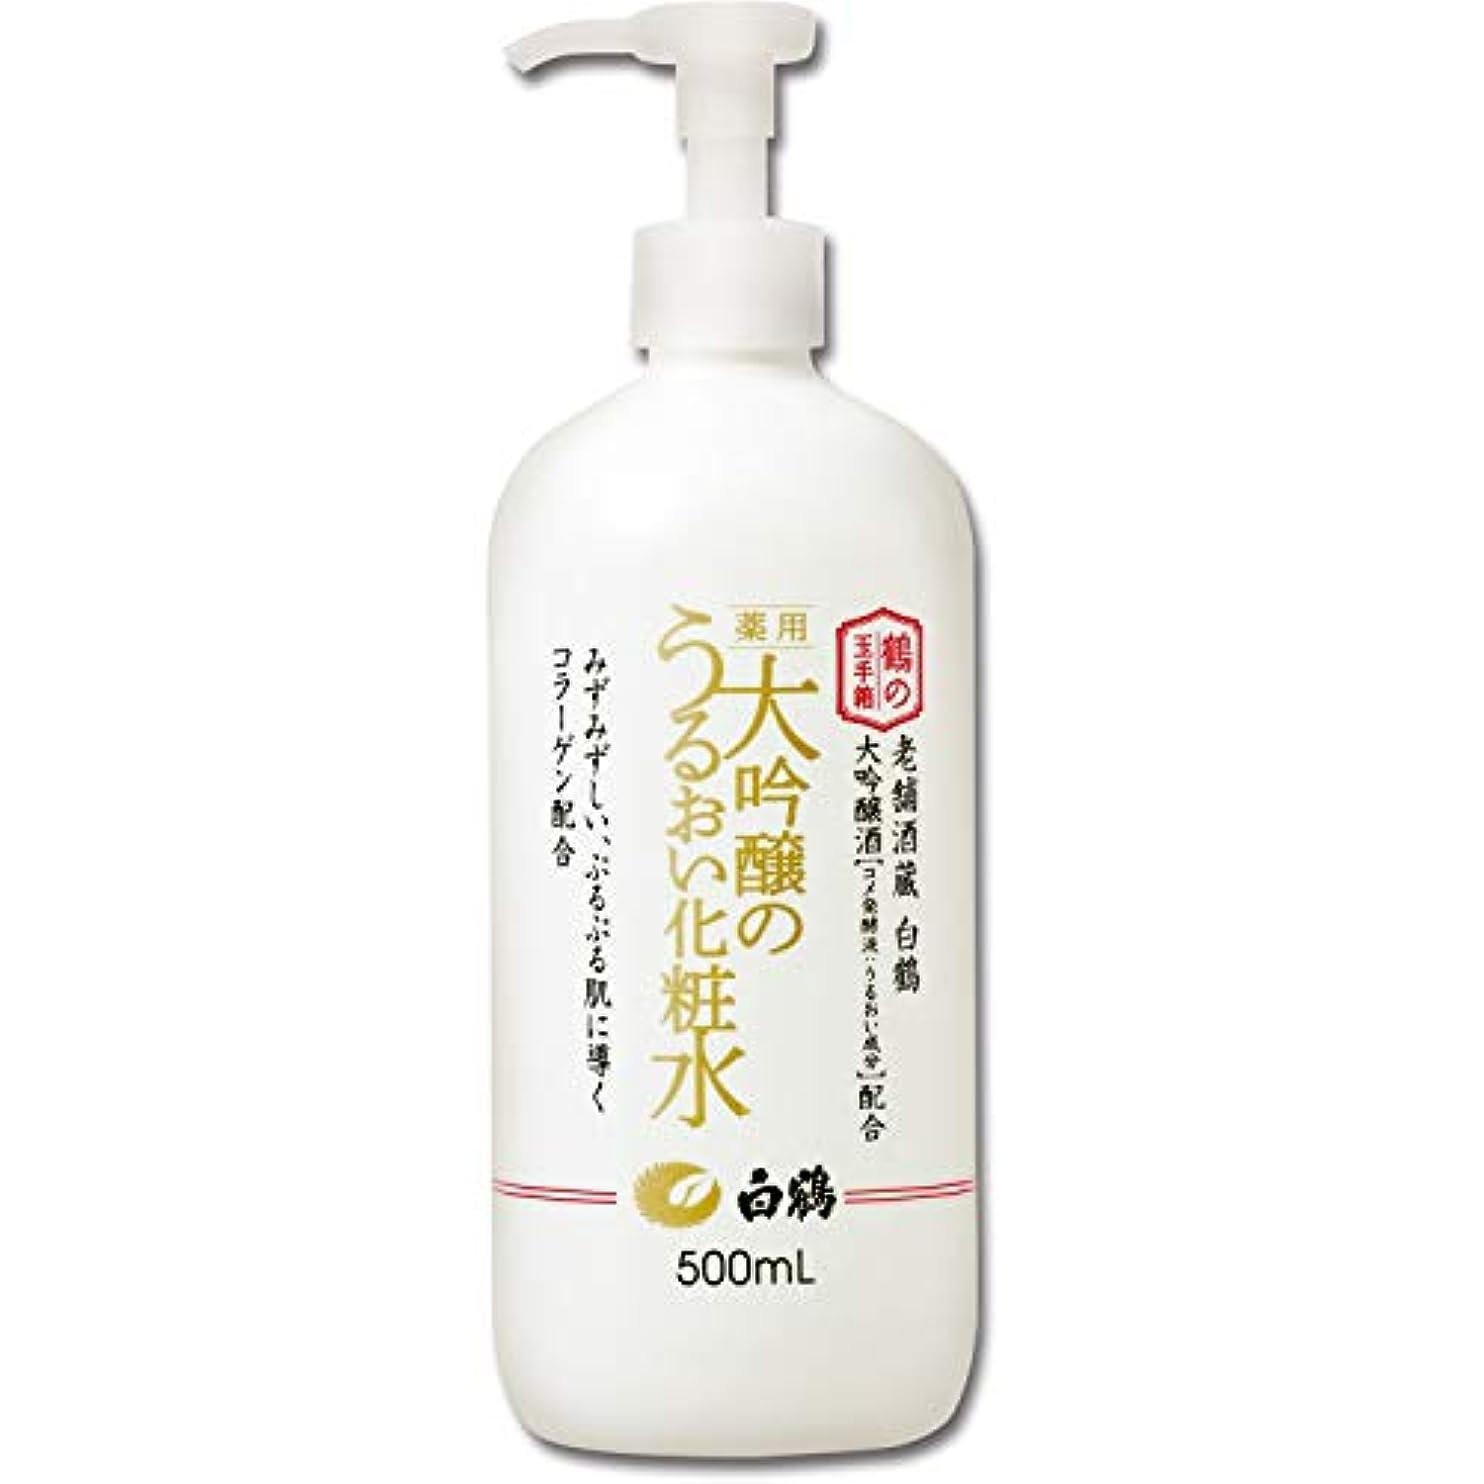 キロメートル免疫スラム白鶴 鶴の玉手箱 薬用 大吟醸のうるおい化粧水 500ml